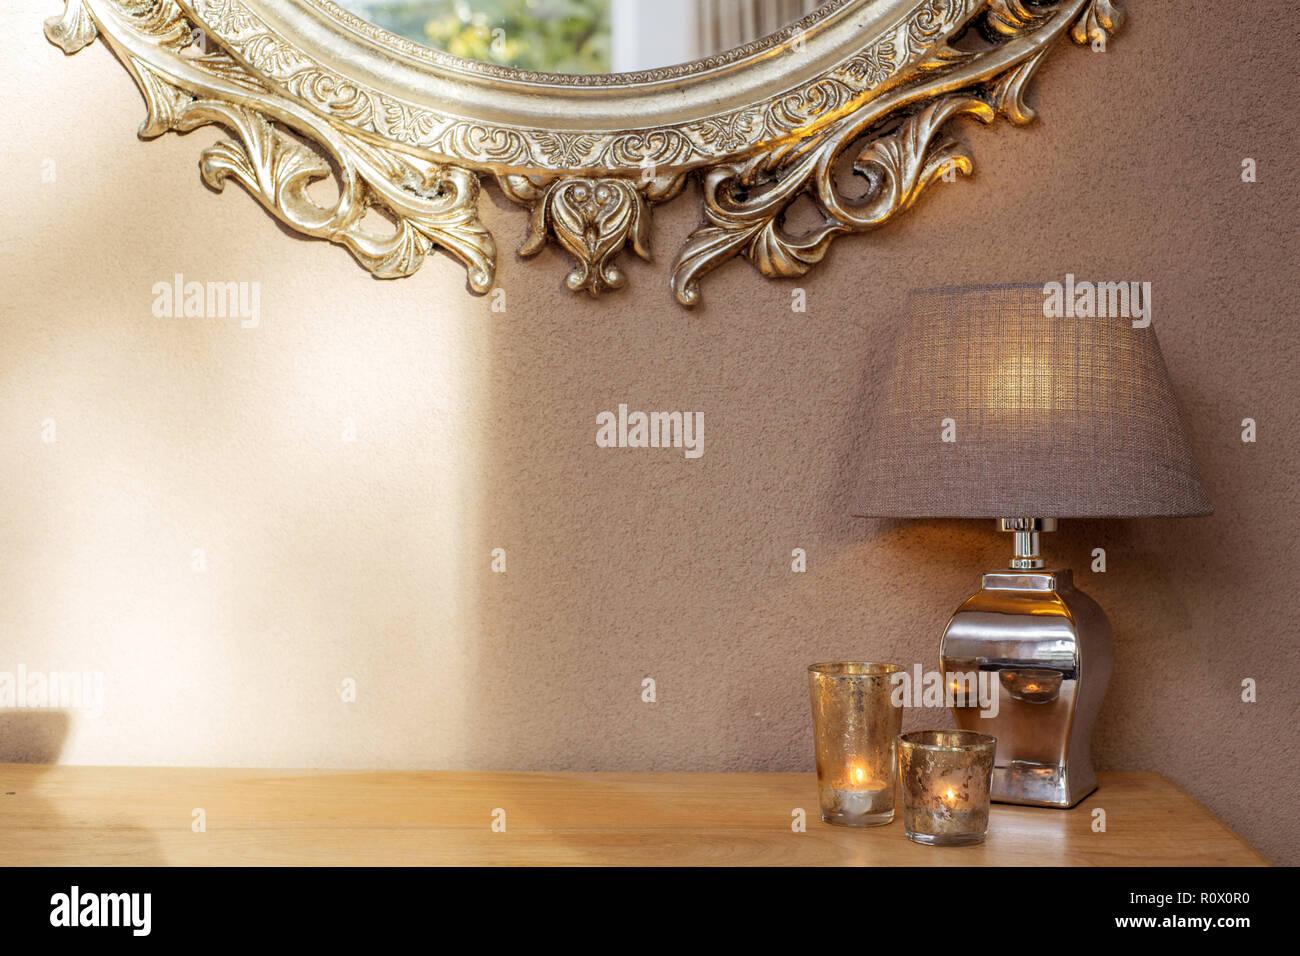 Interieur Mit Spiegel Und Dekoration Lampen Und Kerzen Mit Braunen